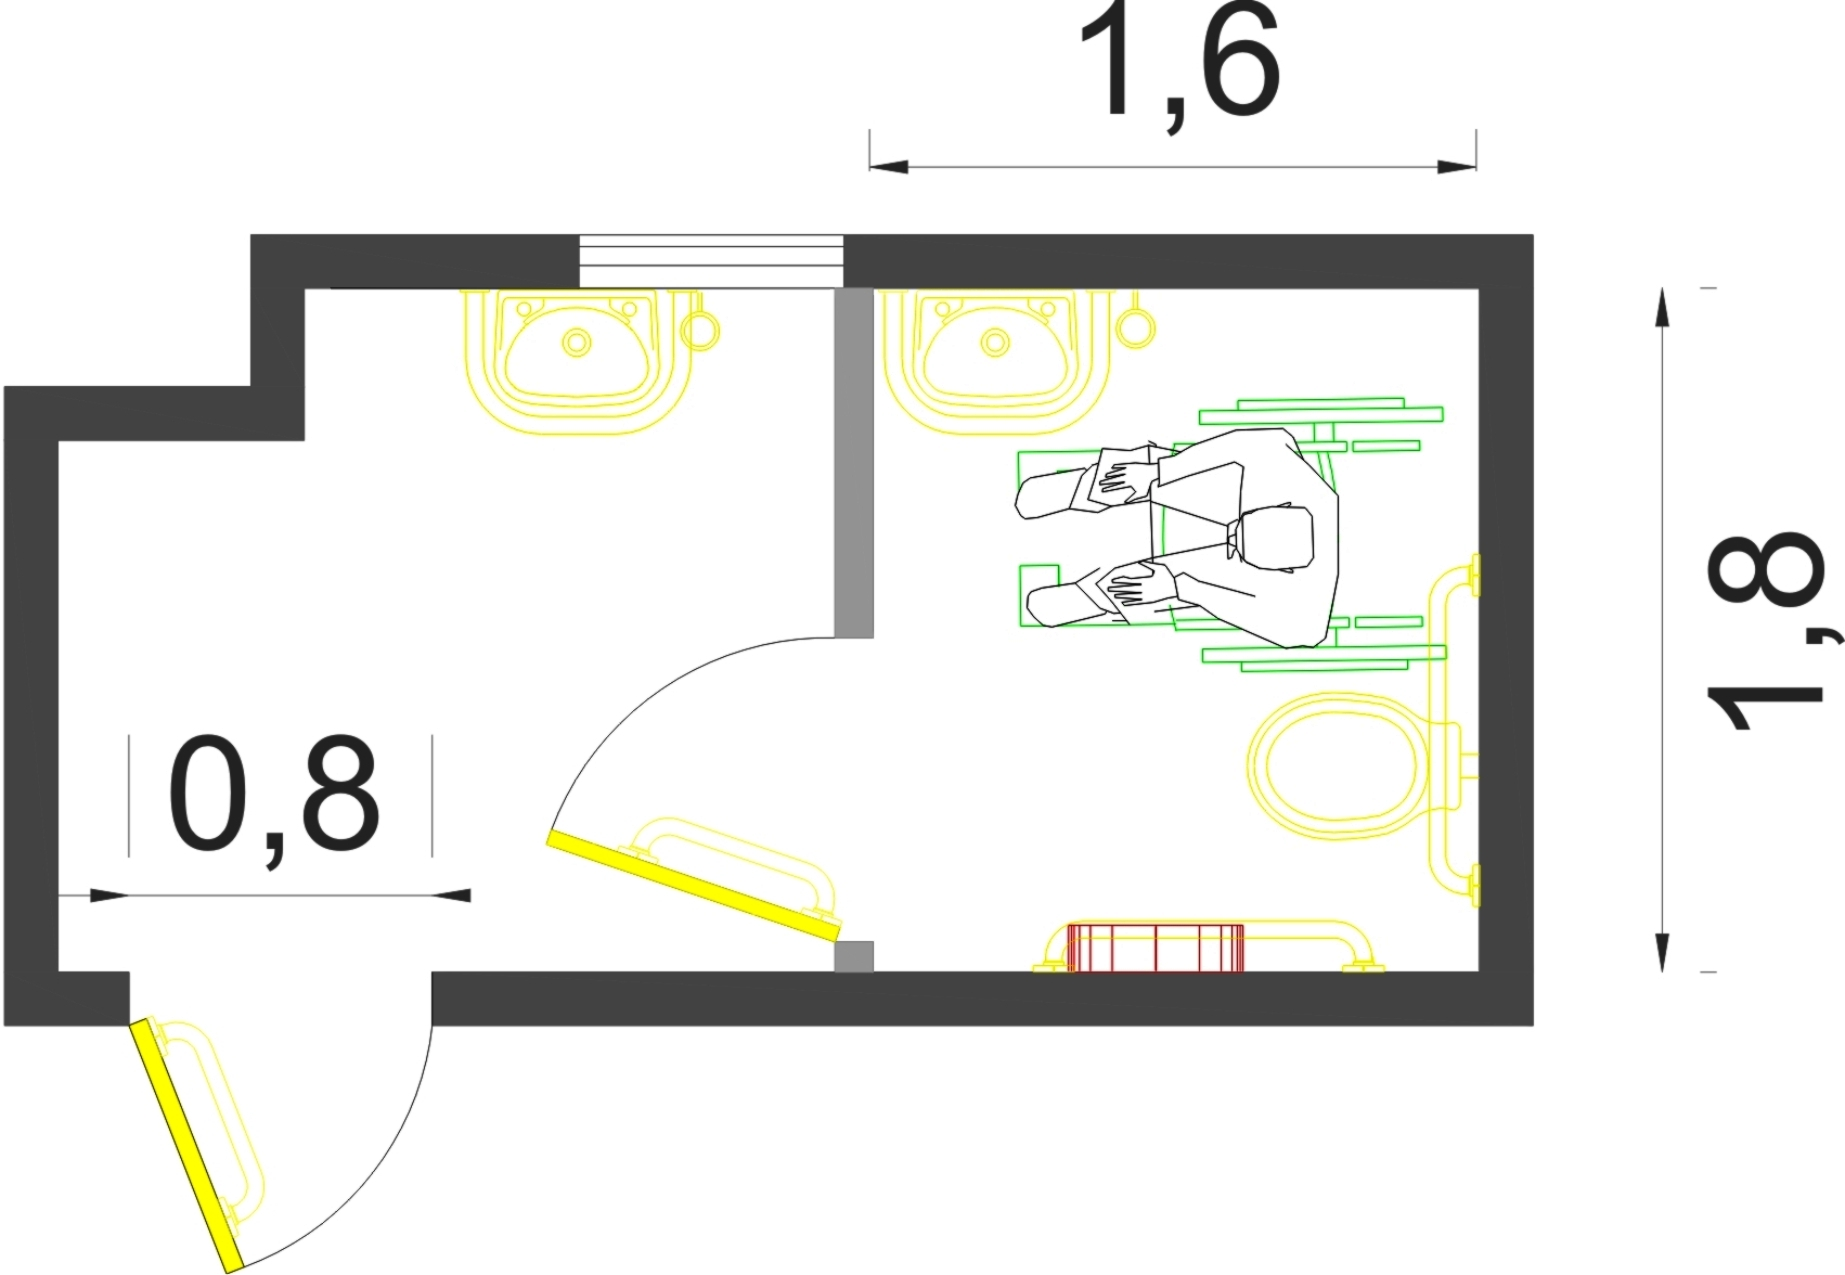 Proposta para um Sanitário ser Acessível Arquitetura Acessível #BFBF0C 1845 1275